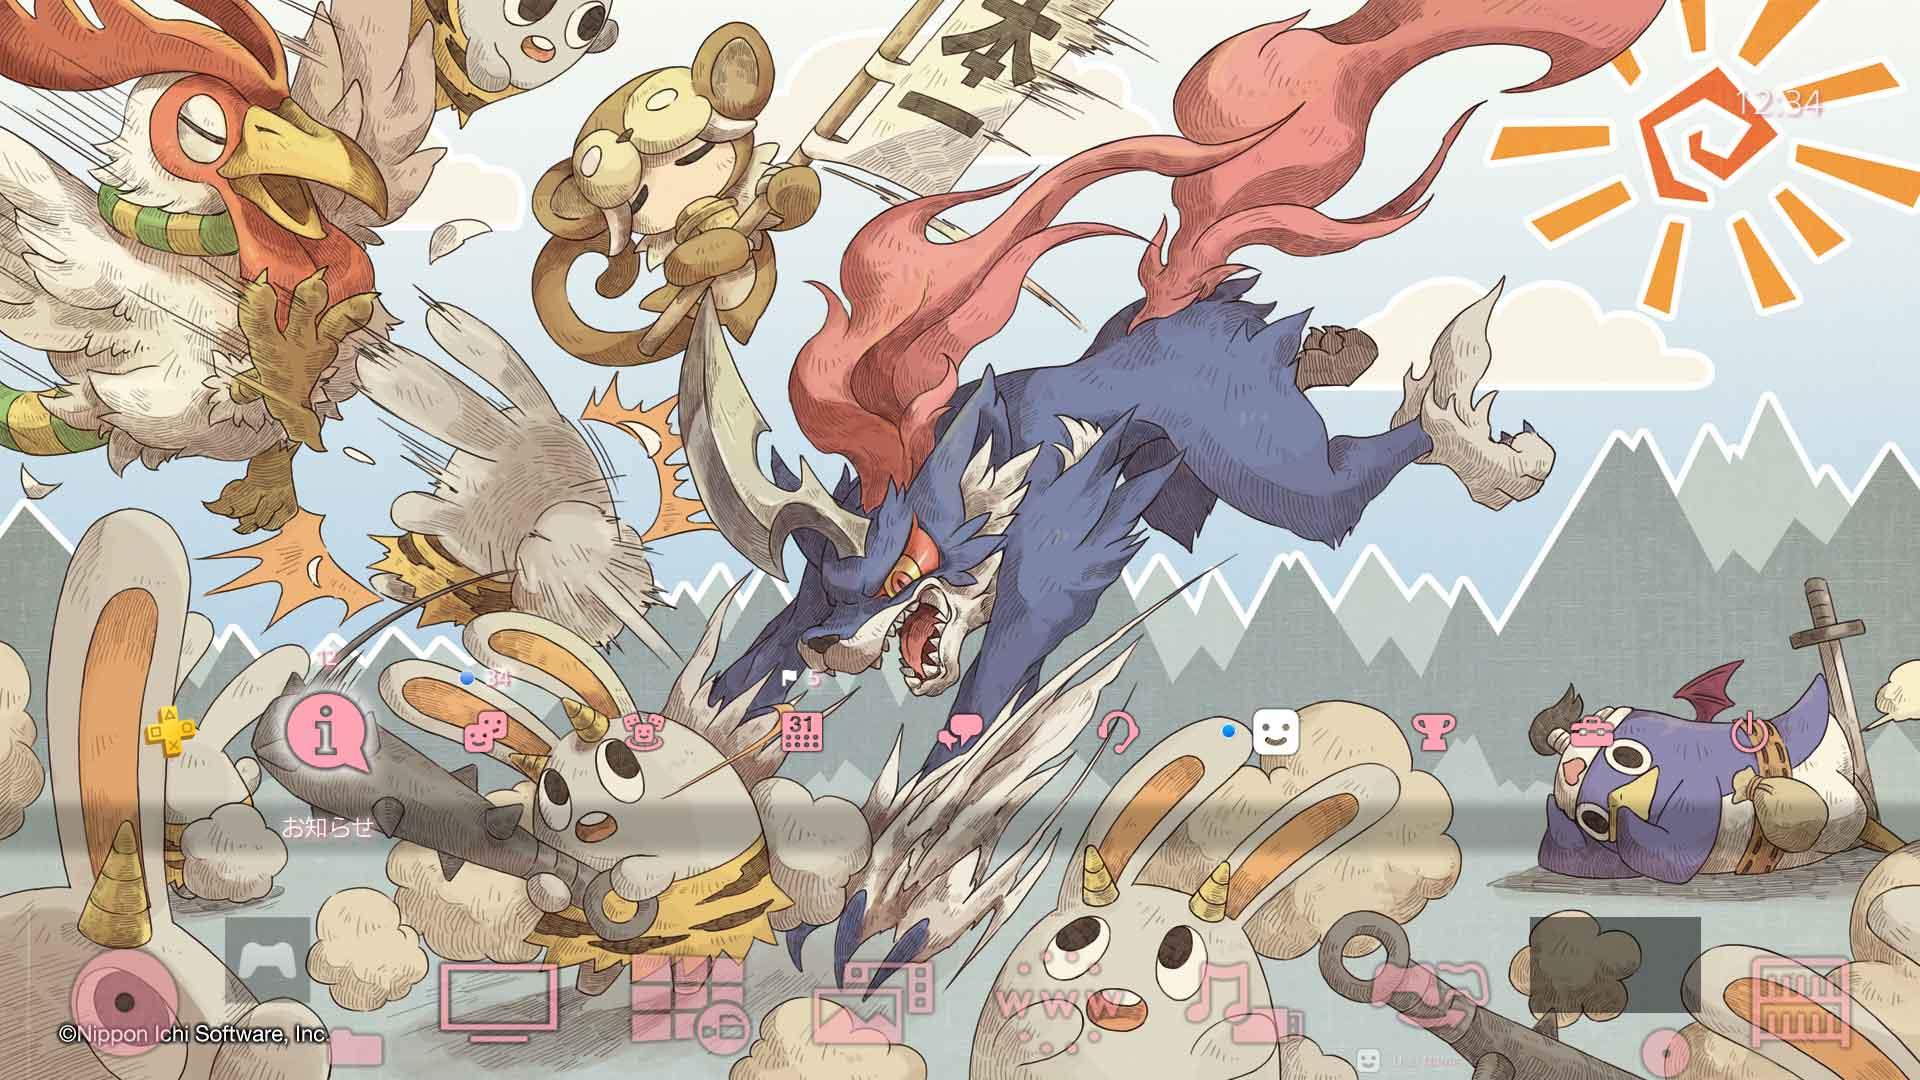 日本一:《魔界战记》普利尼PS4主题和头像免费提供